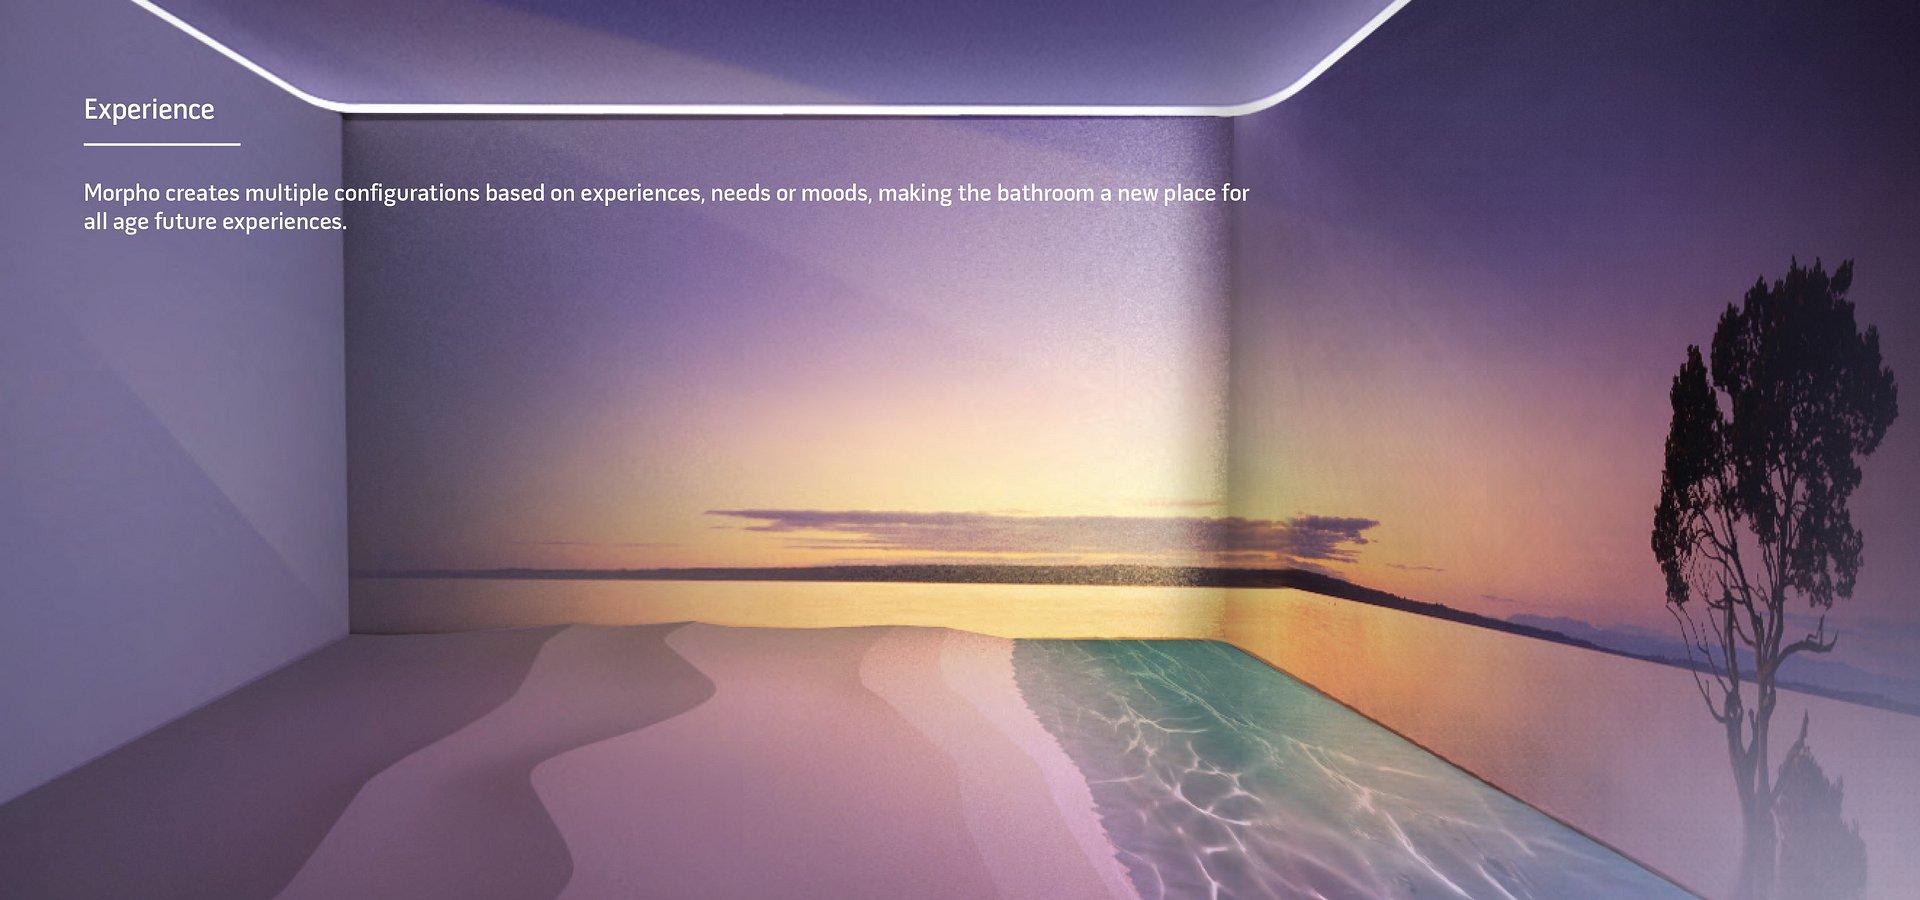 Międzynarodowy konkurs designu jumpthegap® wyłonił najbardziej innowacyjne i zrównoważone projekty łazienki przyszłości.